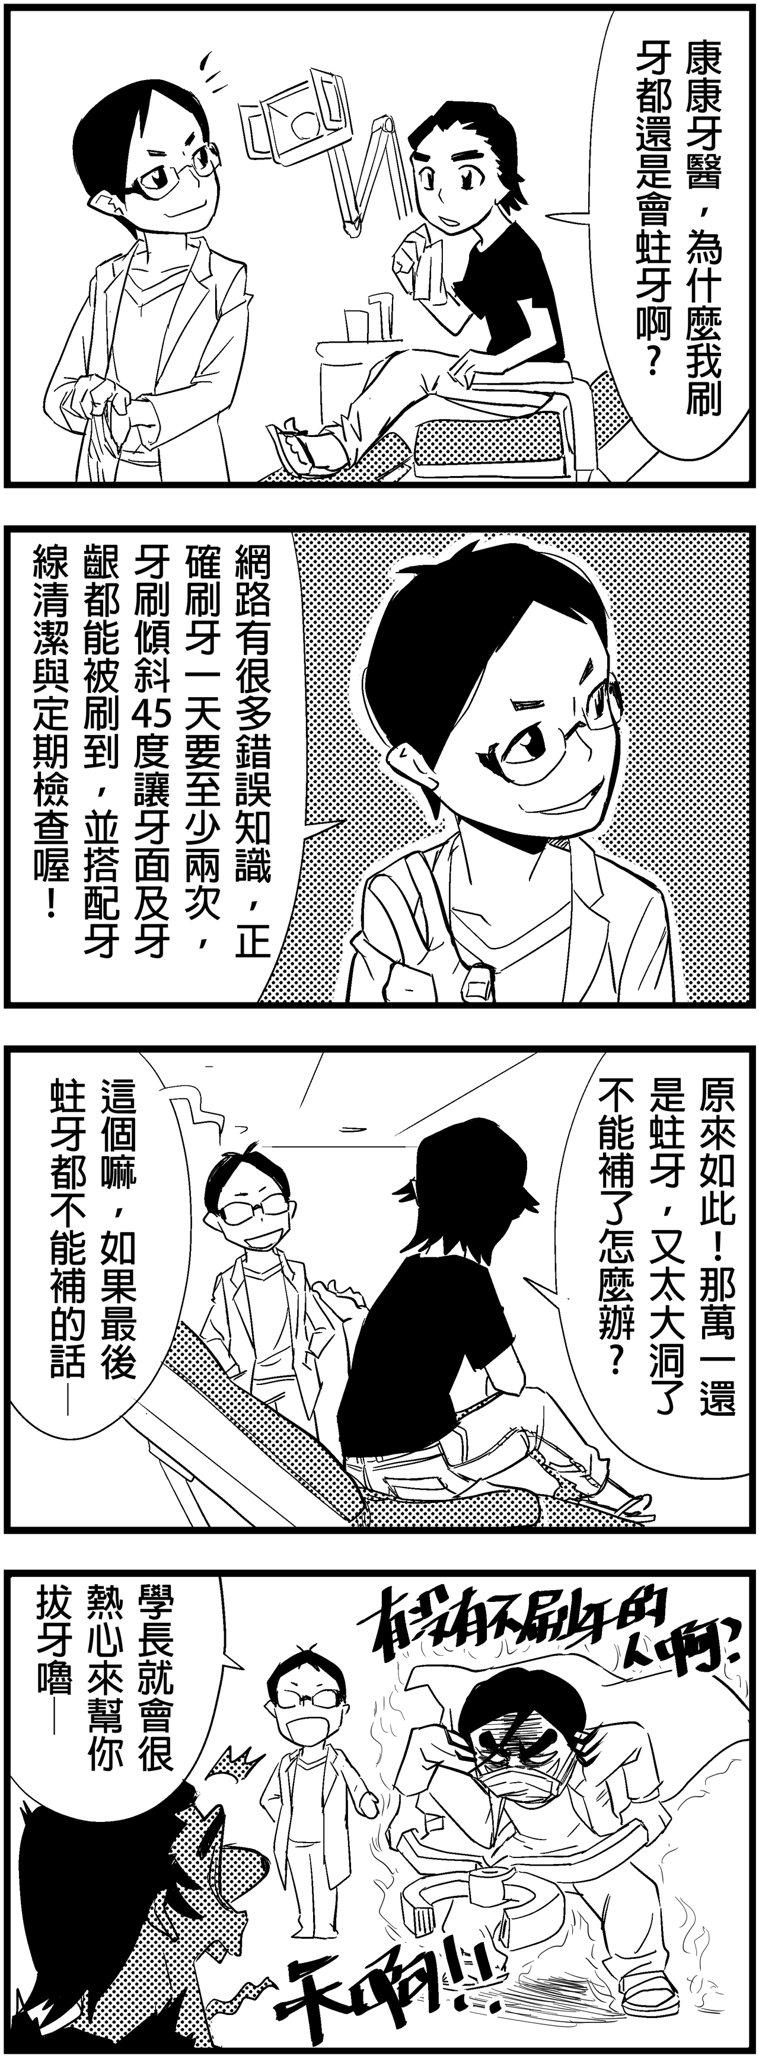 文/雷亞 圖/兩元